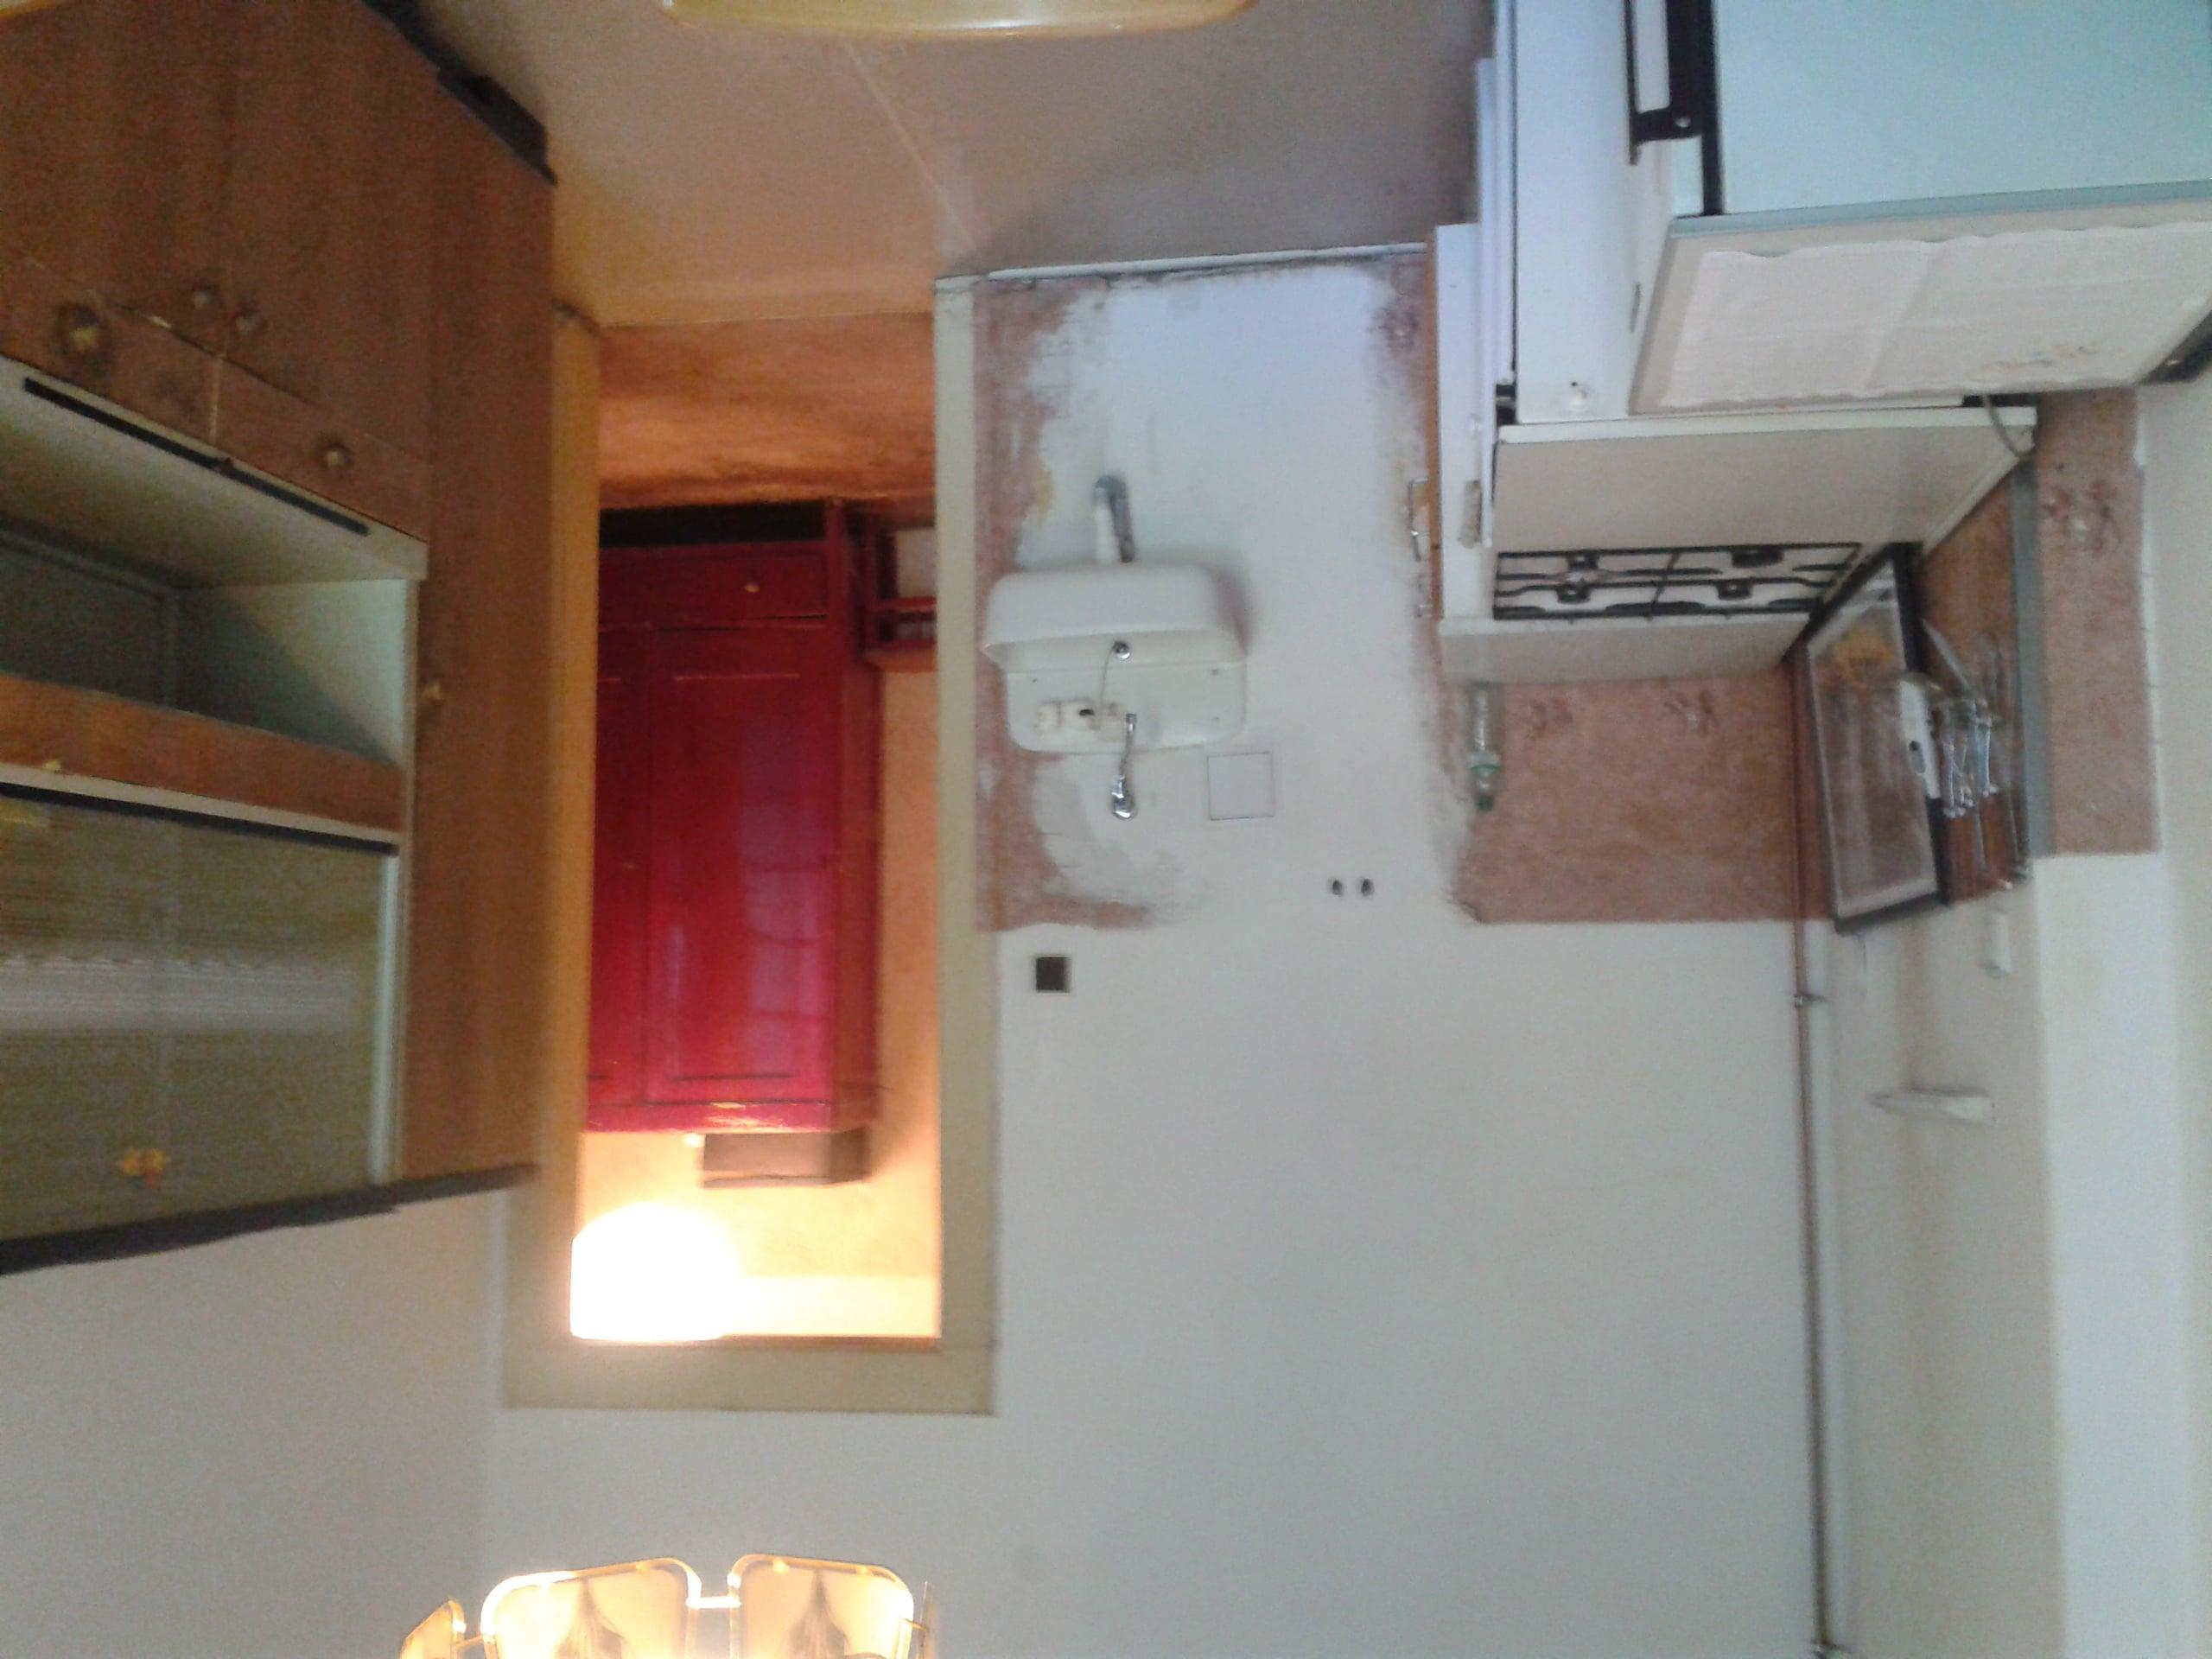 למכירה דירת 2 חדרים בשכונת ז'יז'קוב בפראג11 (5)